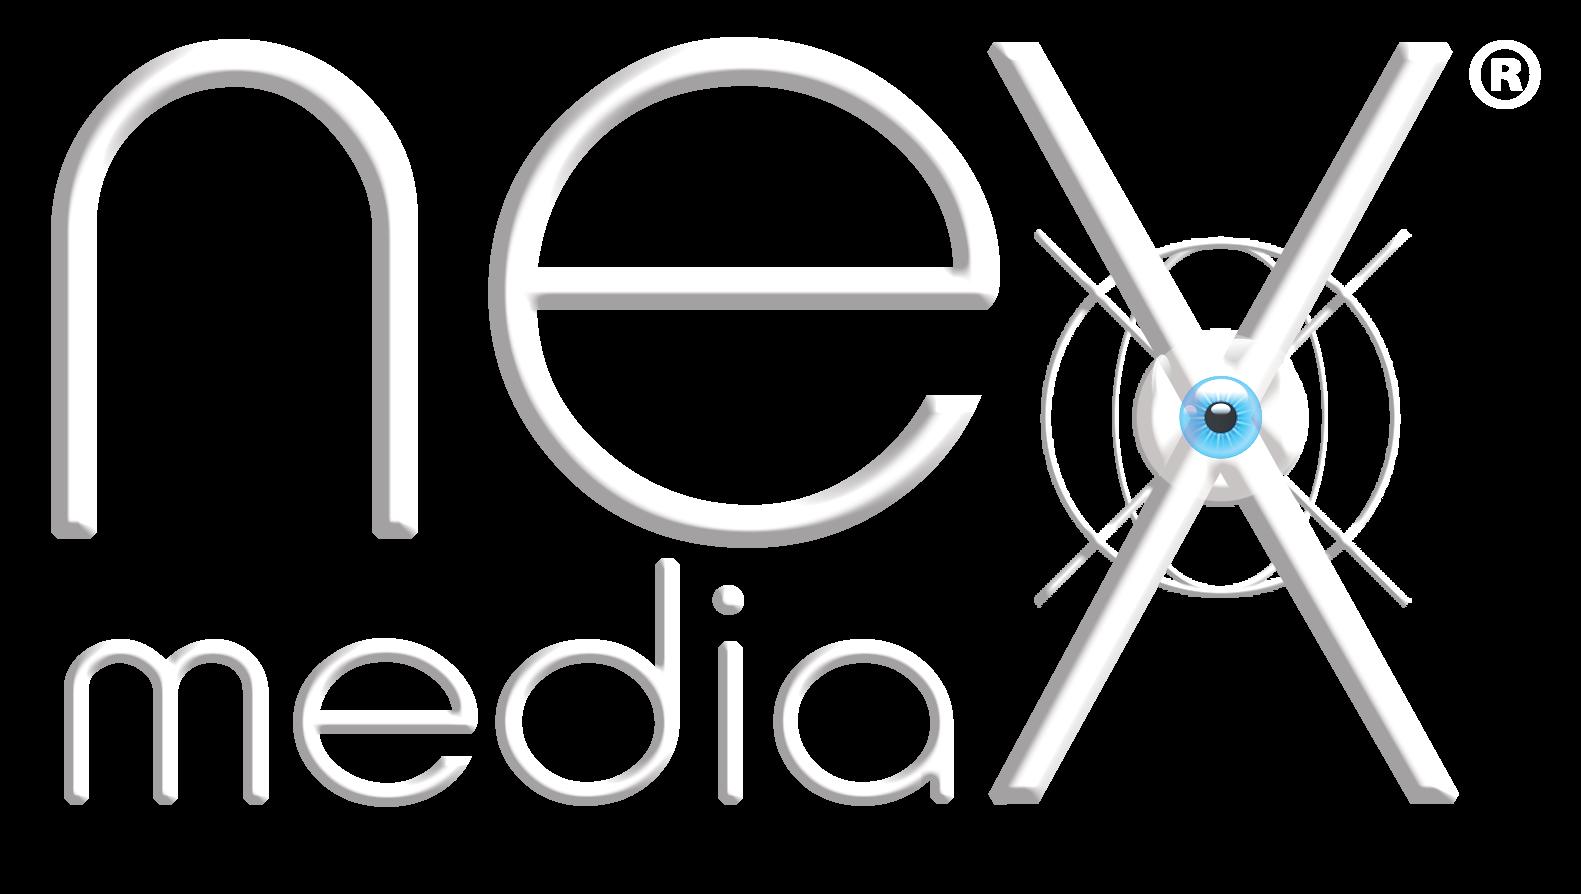 Logo for Nex Media